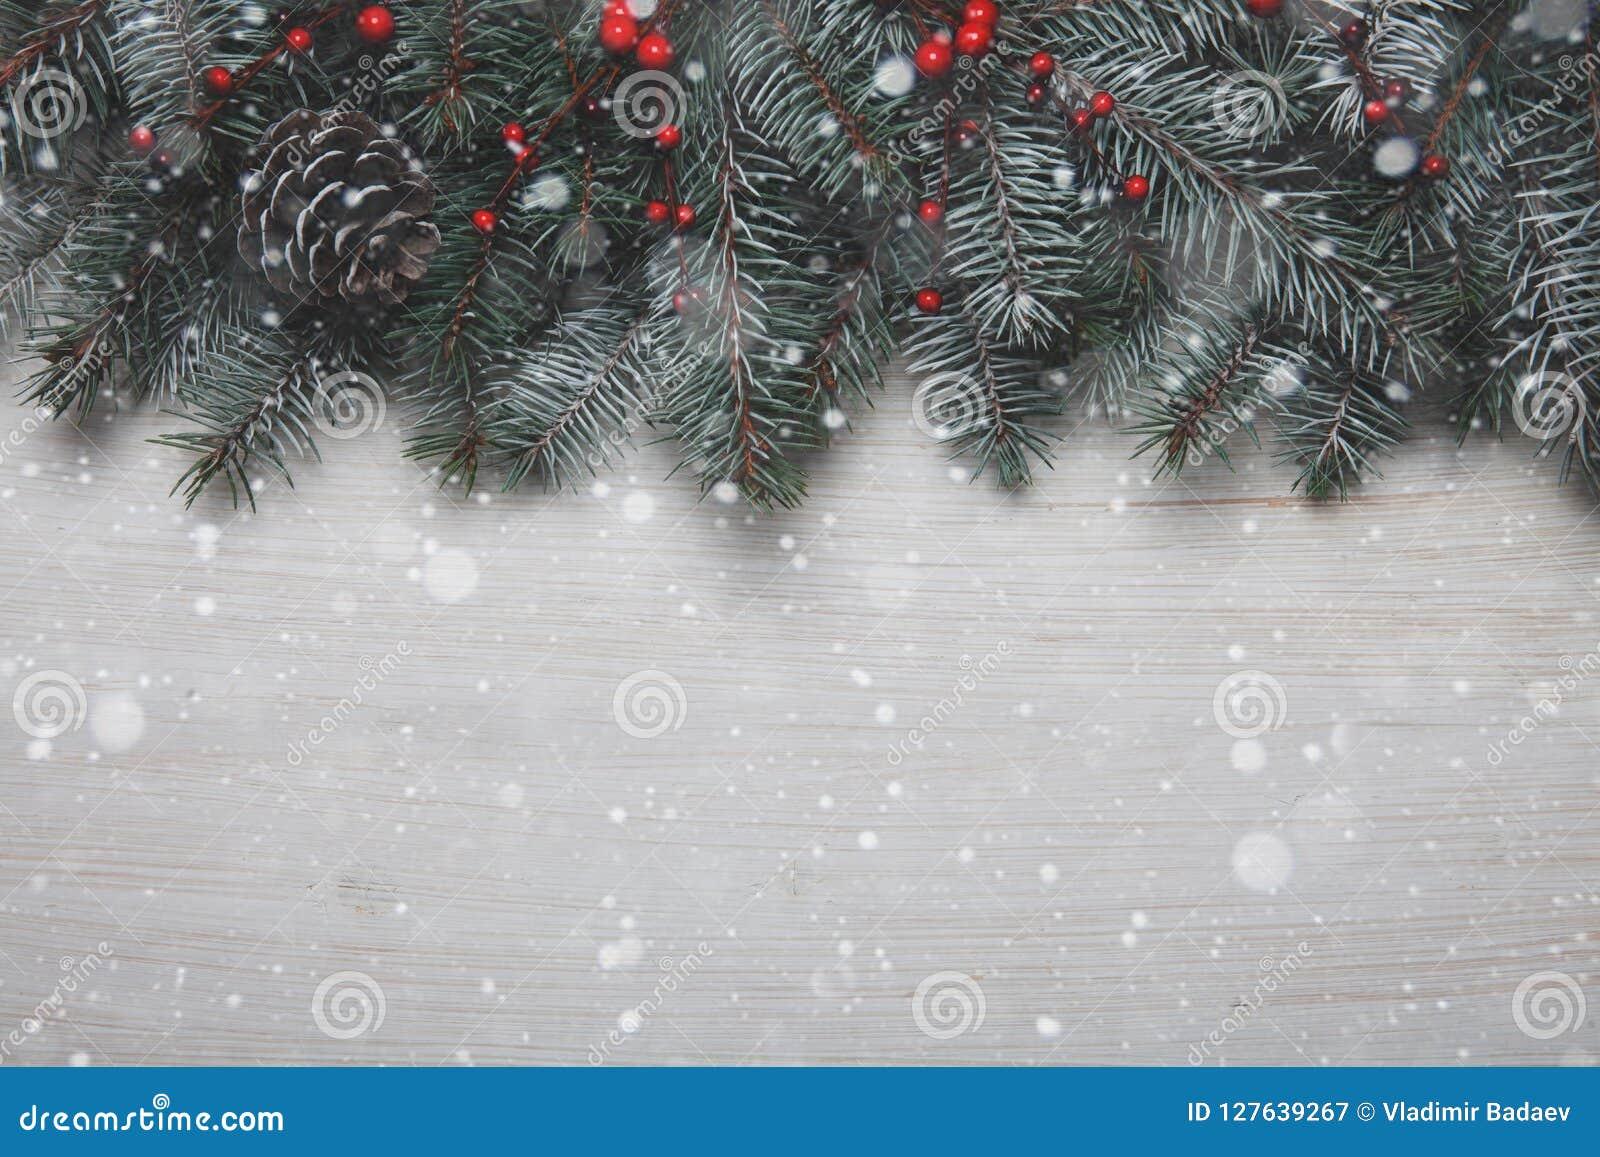 Arbre Bois Blanc Decoration carte de noël fond en bois blanc avec l'arbre et la